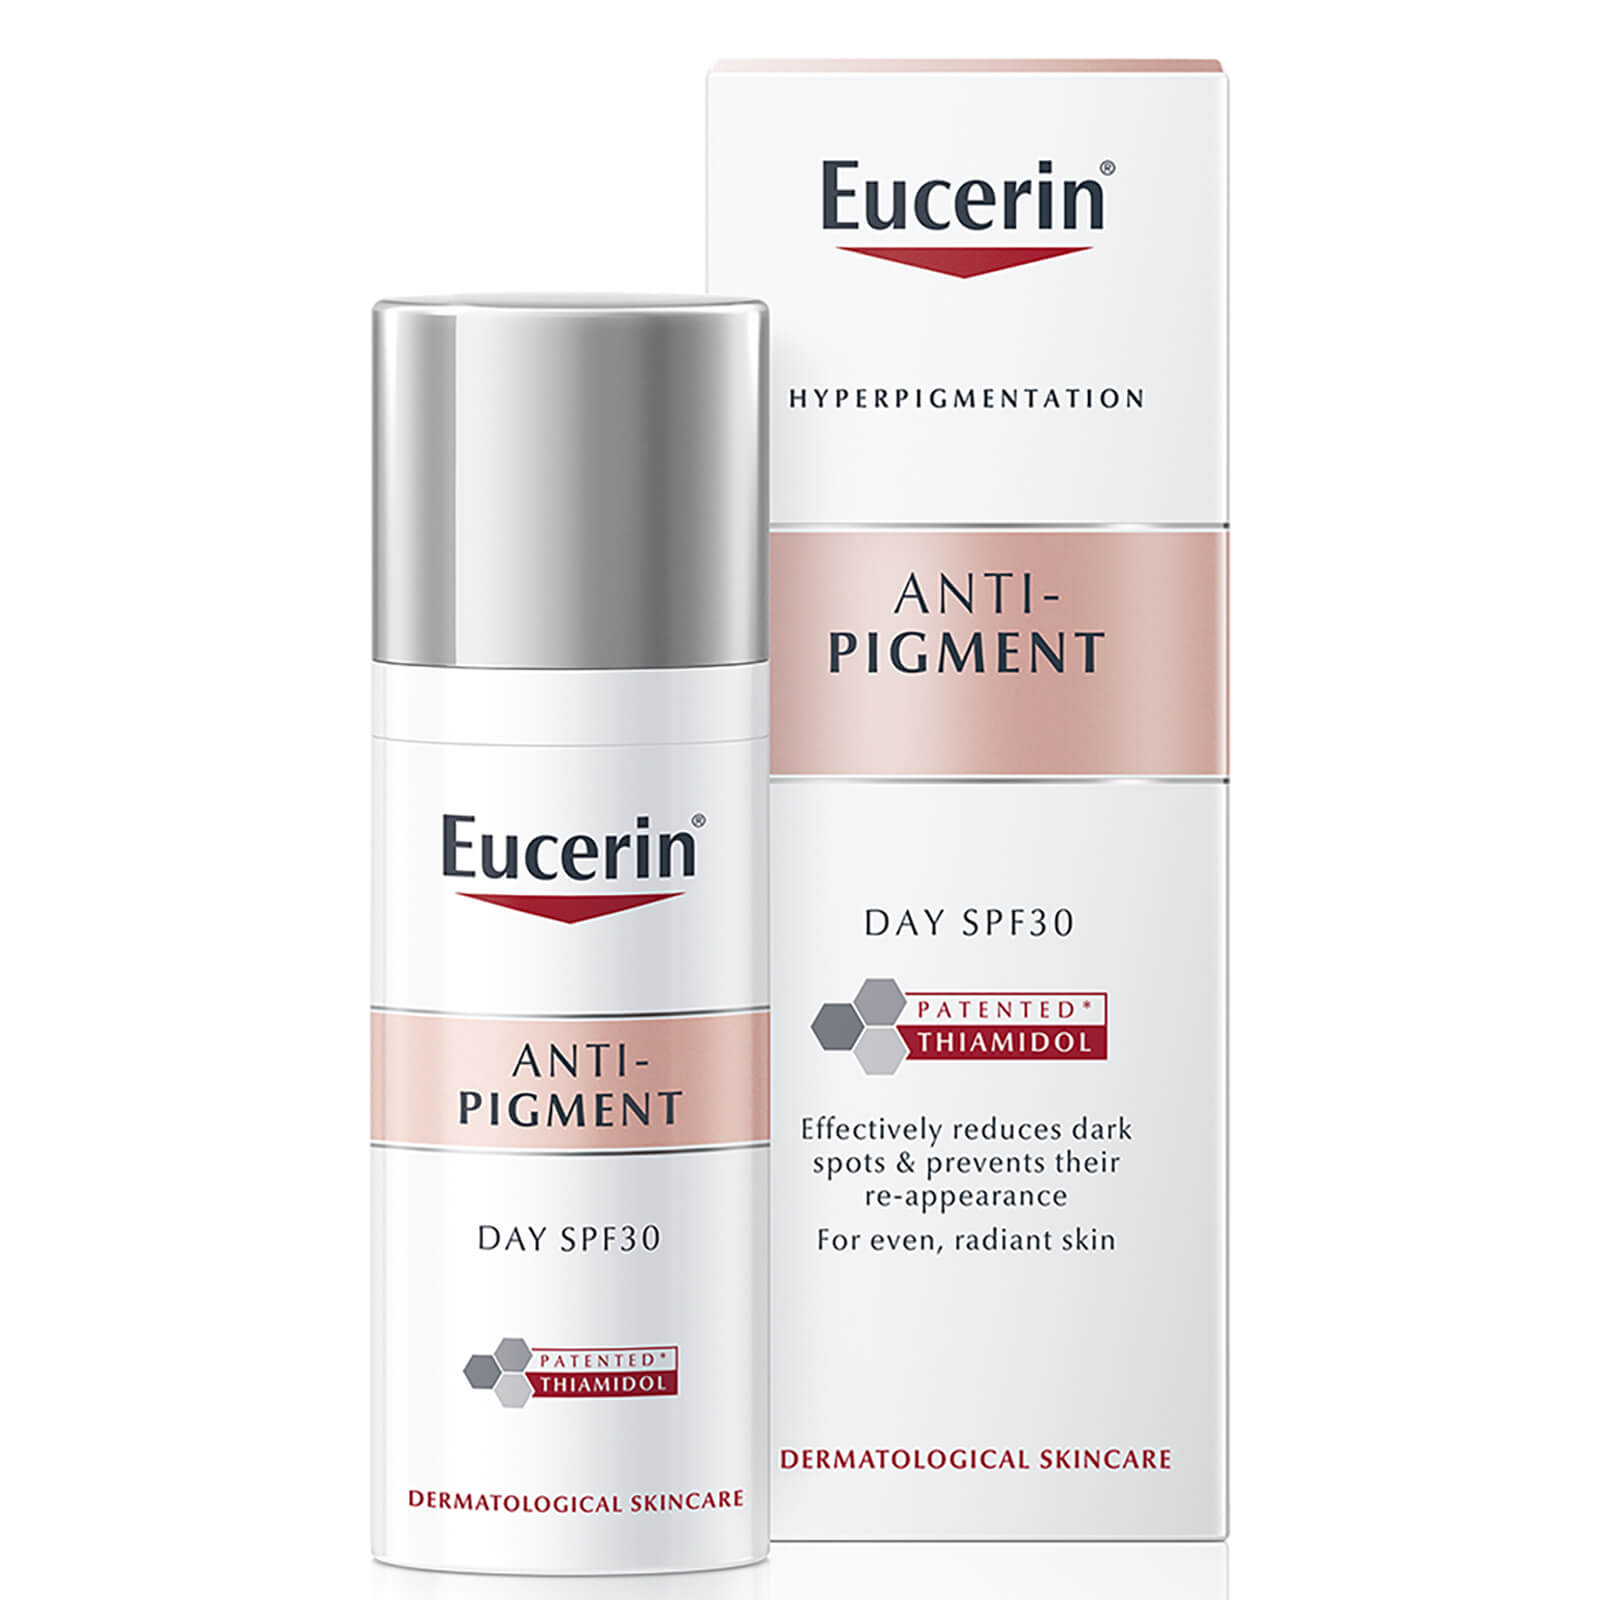 Eucerin Anti-Pigment SPF30 Day Cream 50ml